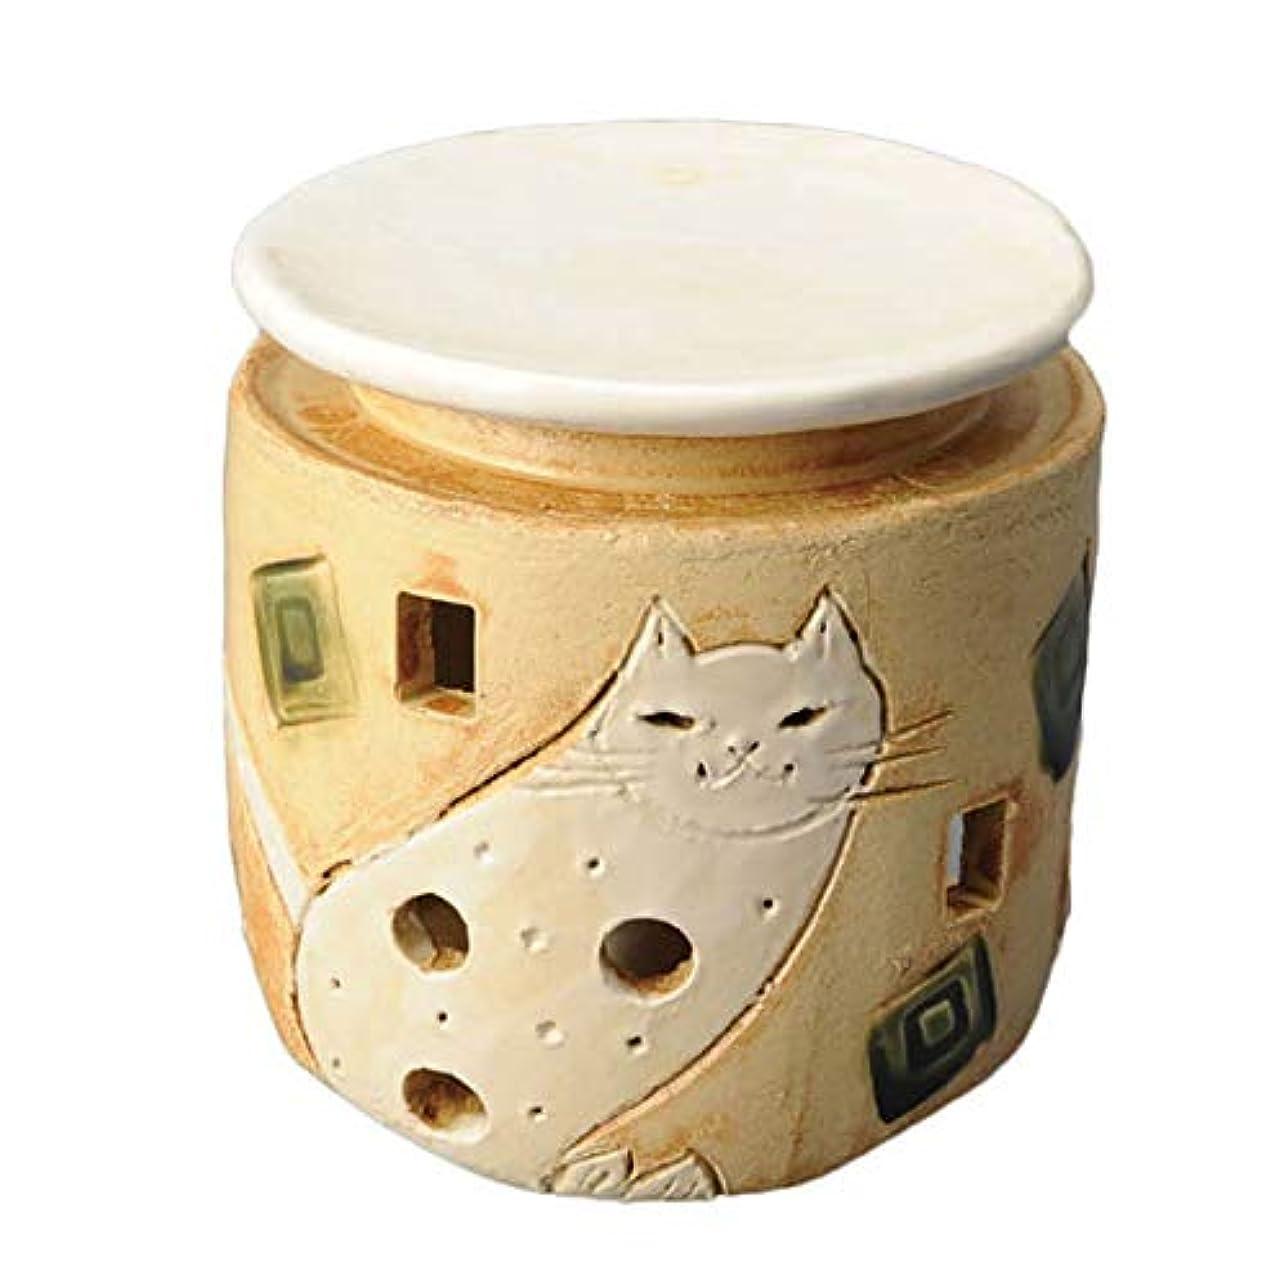 れる話をするレプリカ手造り 茶香炉/白猫 茶香炉/アロマ 癒やし リラックス インテリア 間接照明